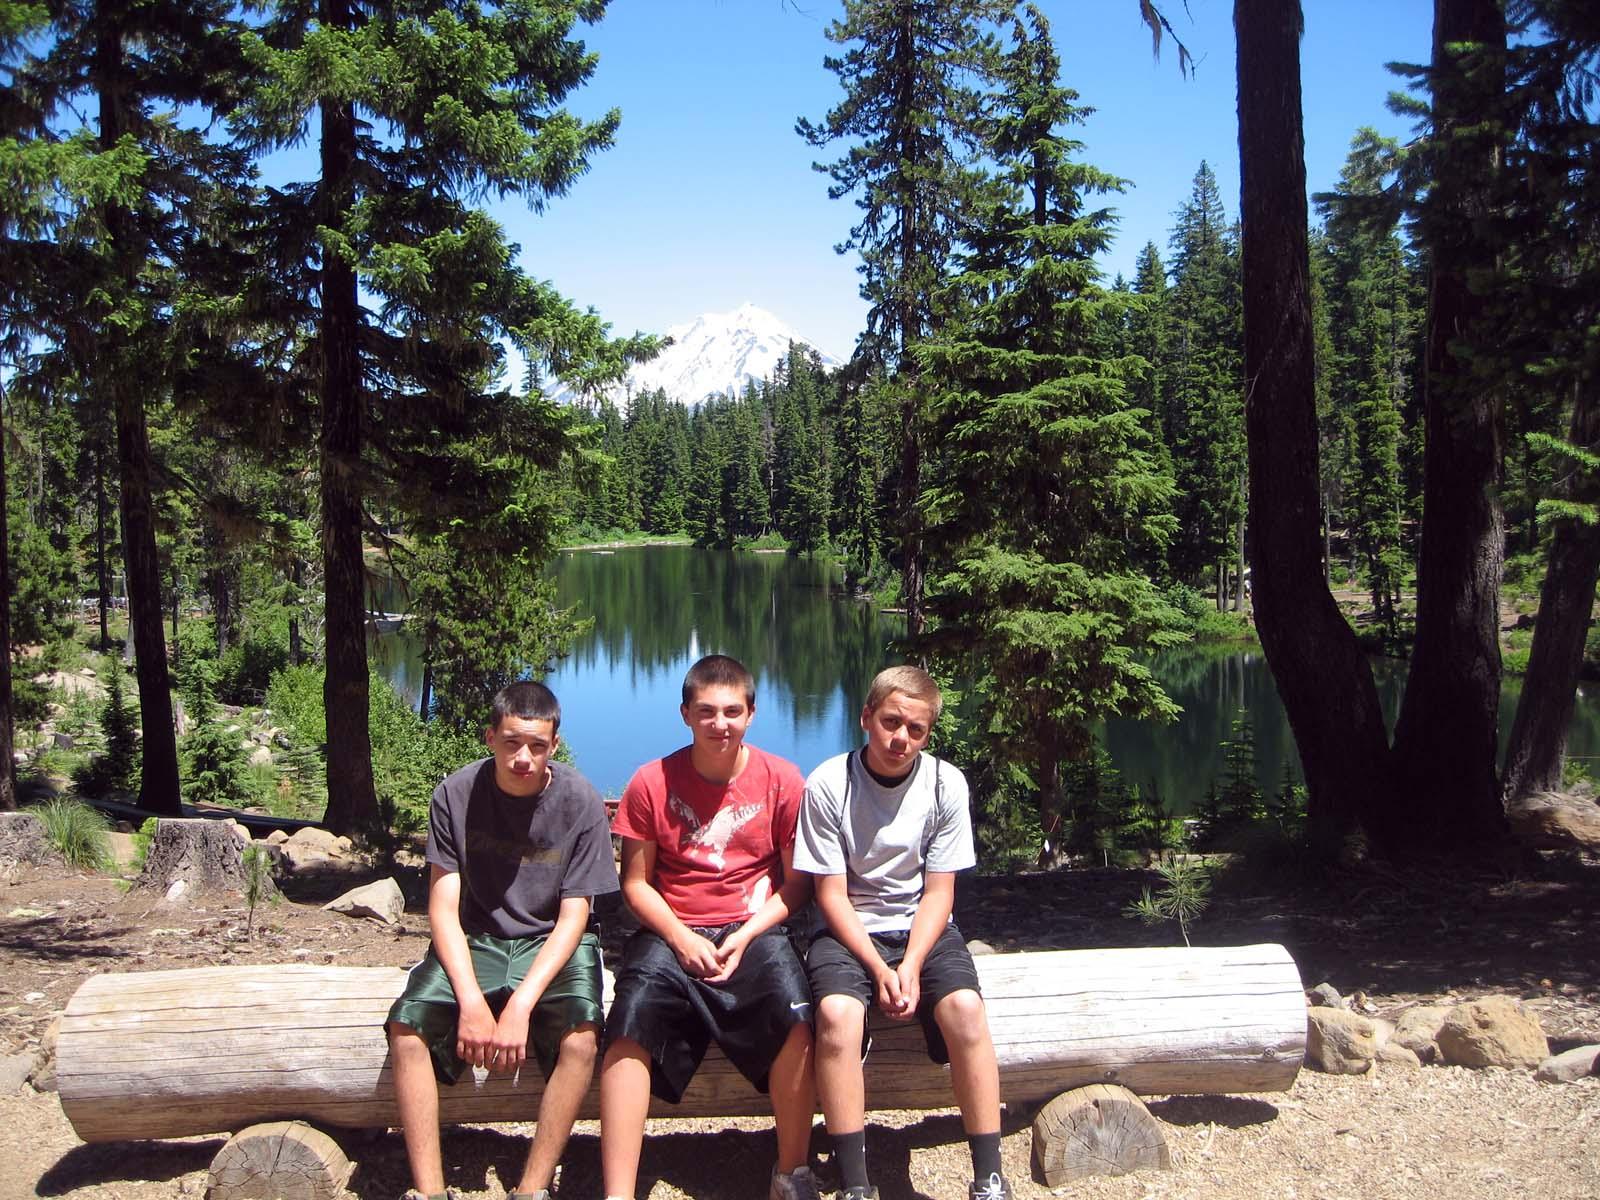 bsa troop 849 sherwood oregon summer camp 2010 camp pioneer